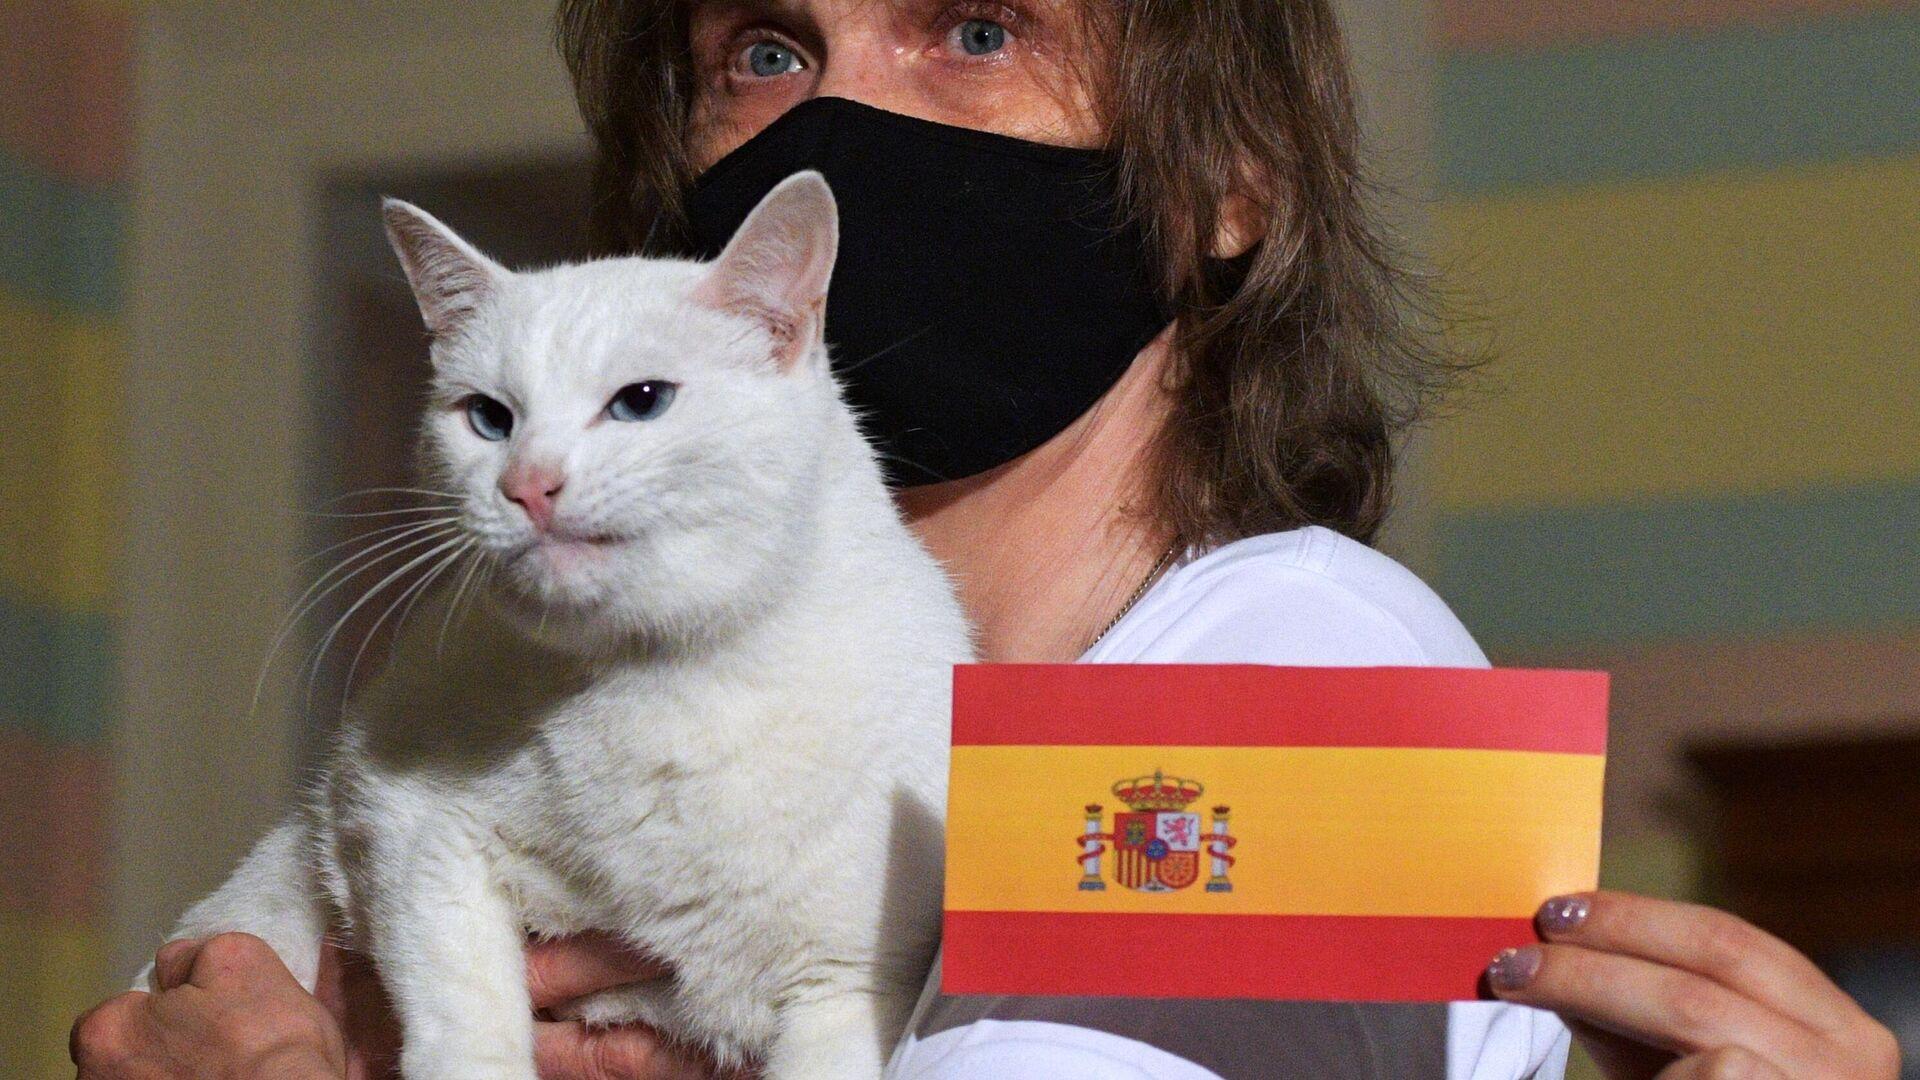 El gato ruso Aquiles pronostica la victoria de España sobre Suiza en la Eurocopa - Sputnik Mundo, 1920, 02.07.2021